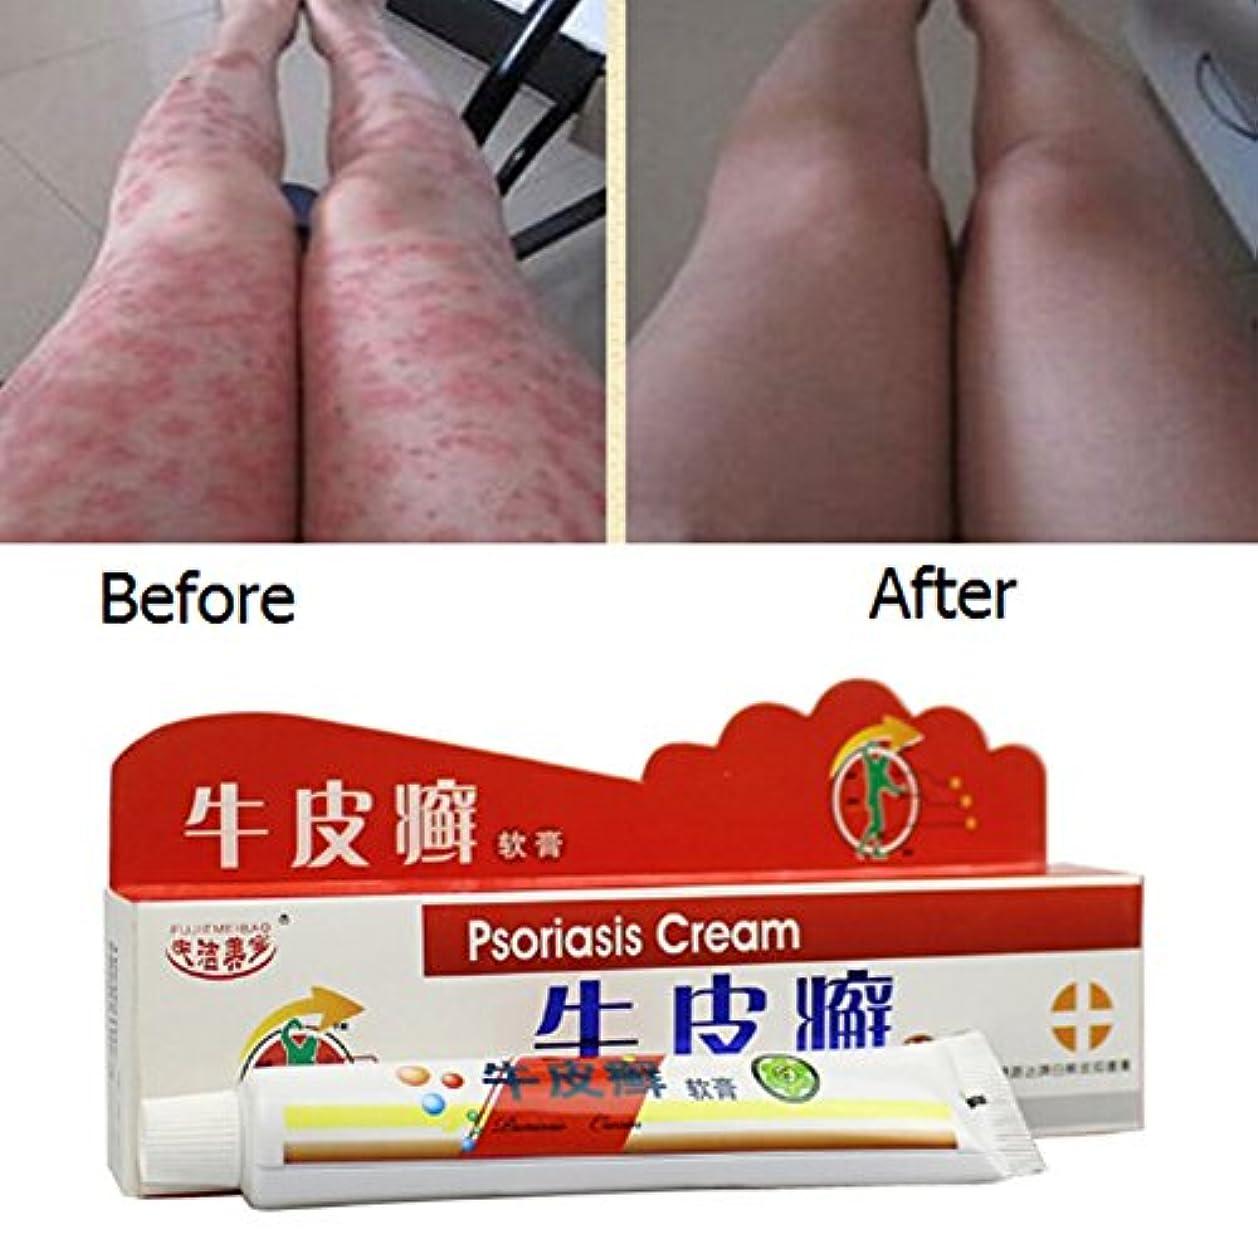 事実メロン気楽な乾癬クリーム 漢方薬 植物成分 ハーブ軟膏 抗菌 クリーム 湿疹 乾癬 かゆみ Ammbous